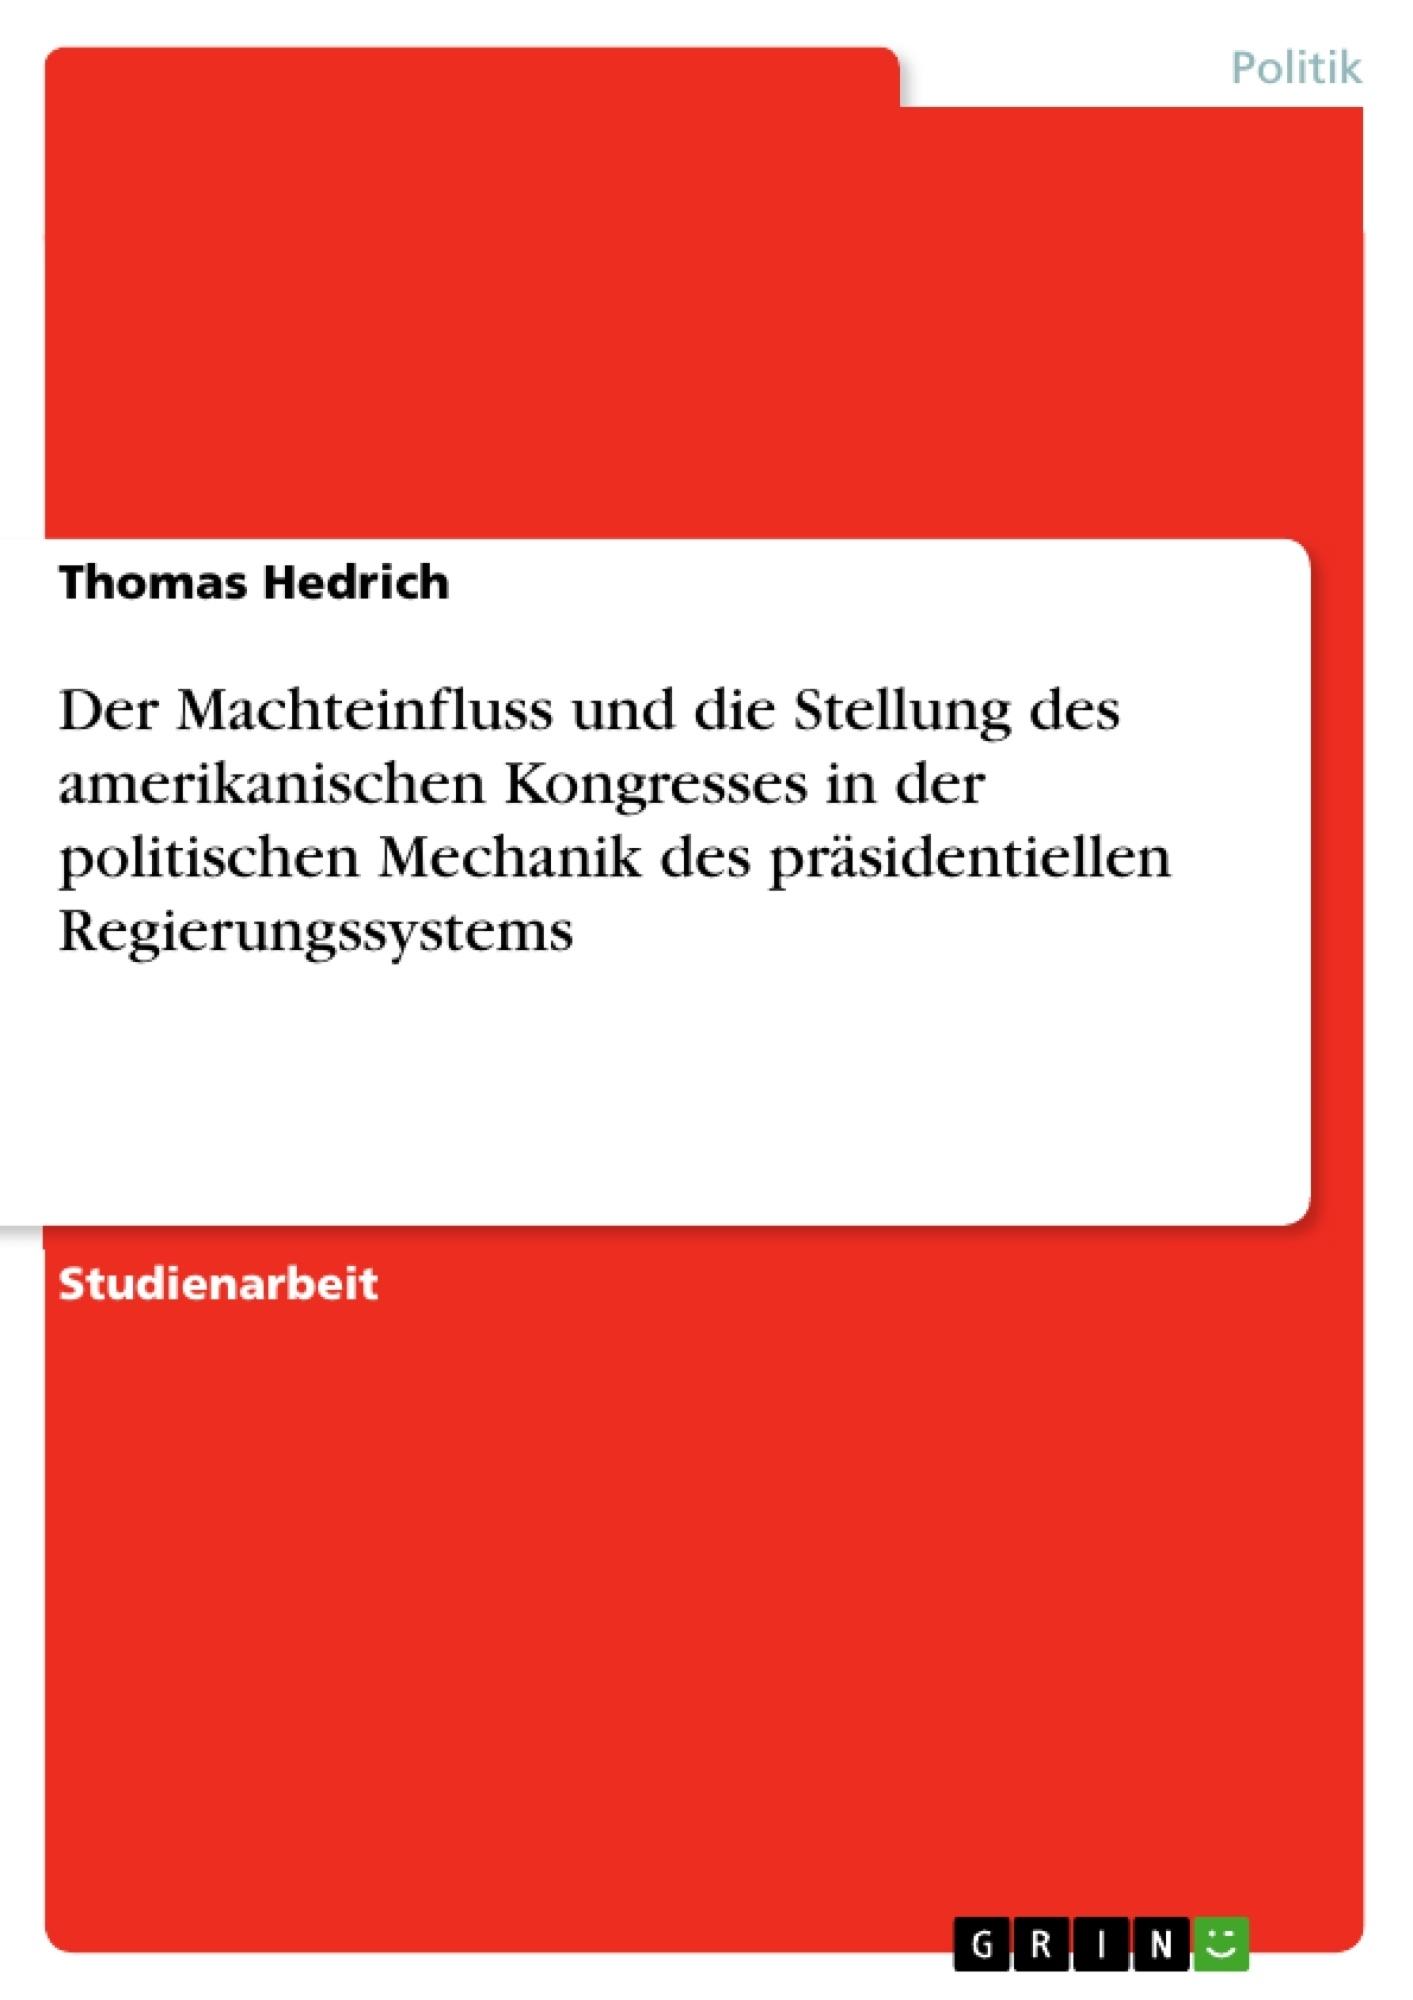 Titel: Der Machteinfluss und die Stellung des amerikanischen Kongresses in der politischen Mechanik des präsidentiellen Regierungssystems